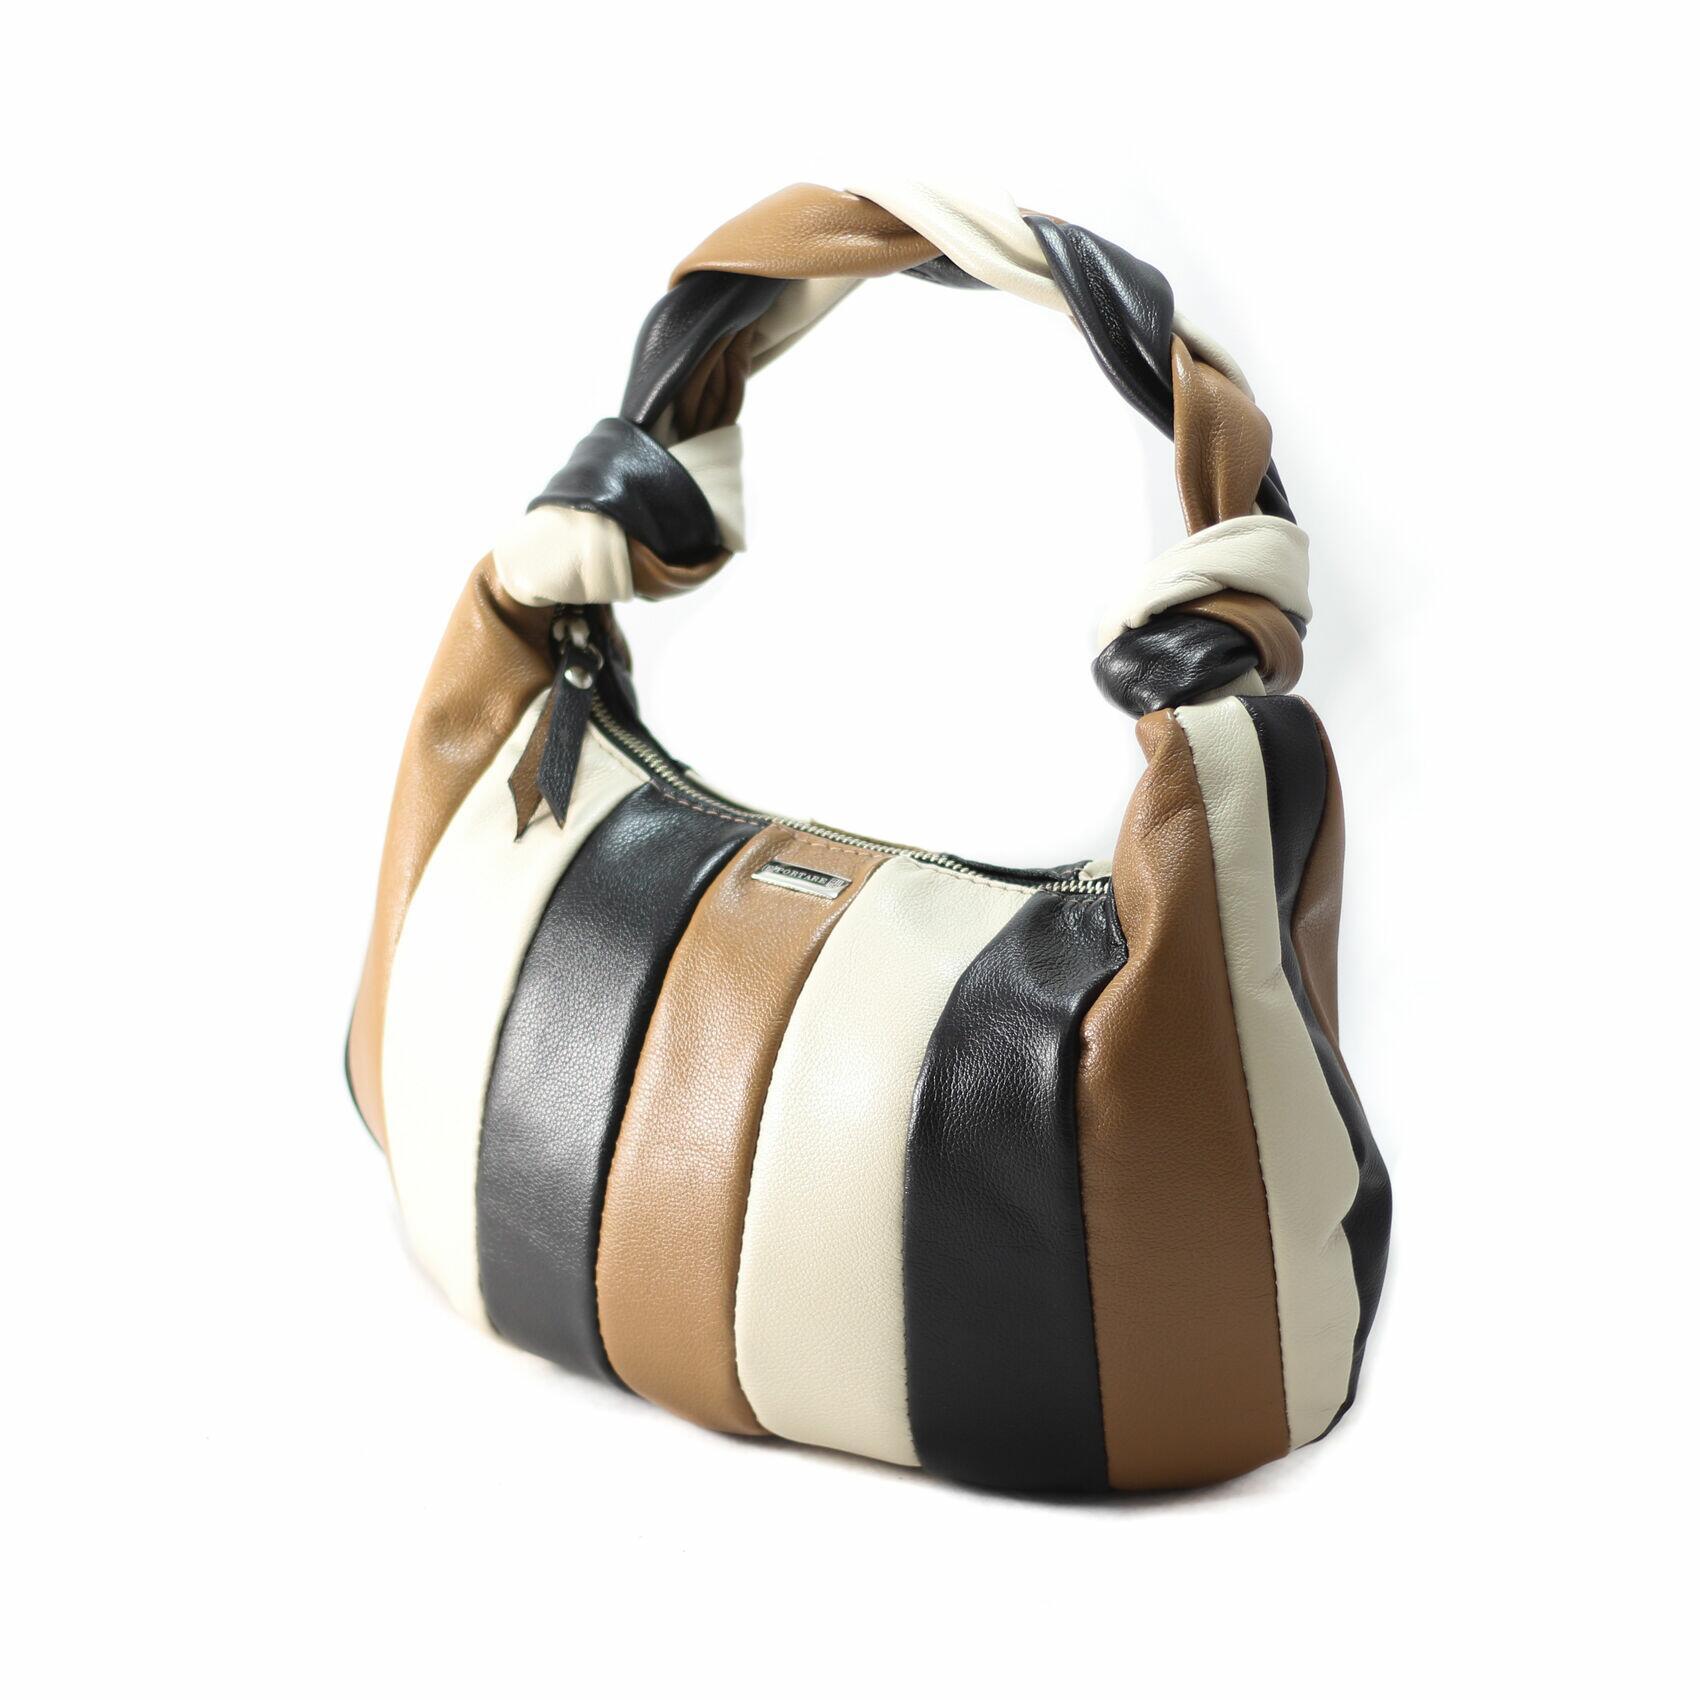 CAPRI Bolsa maleável em couro legítimo tricolor caramelo, preta e off white